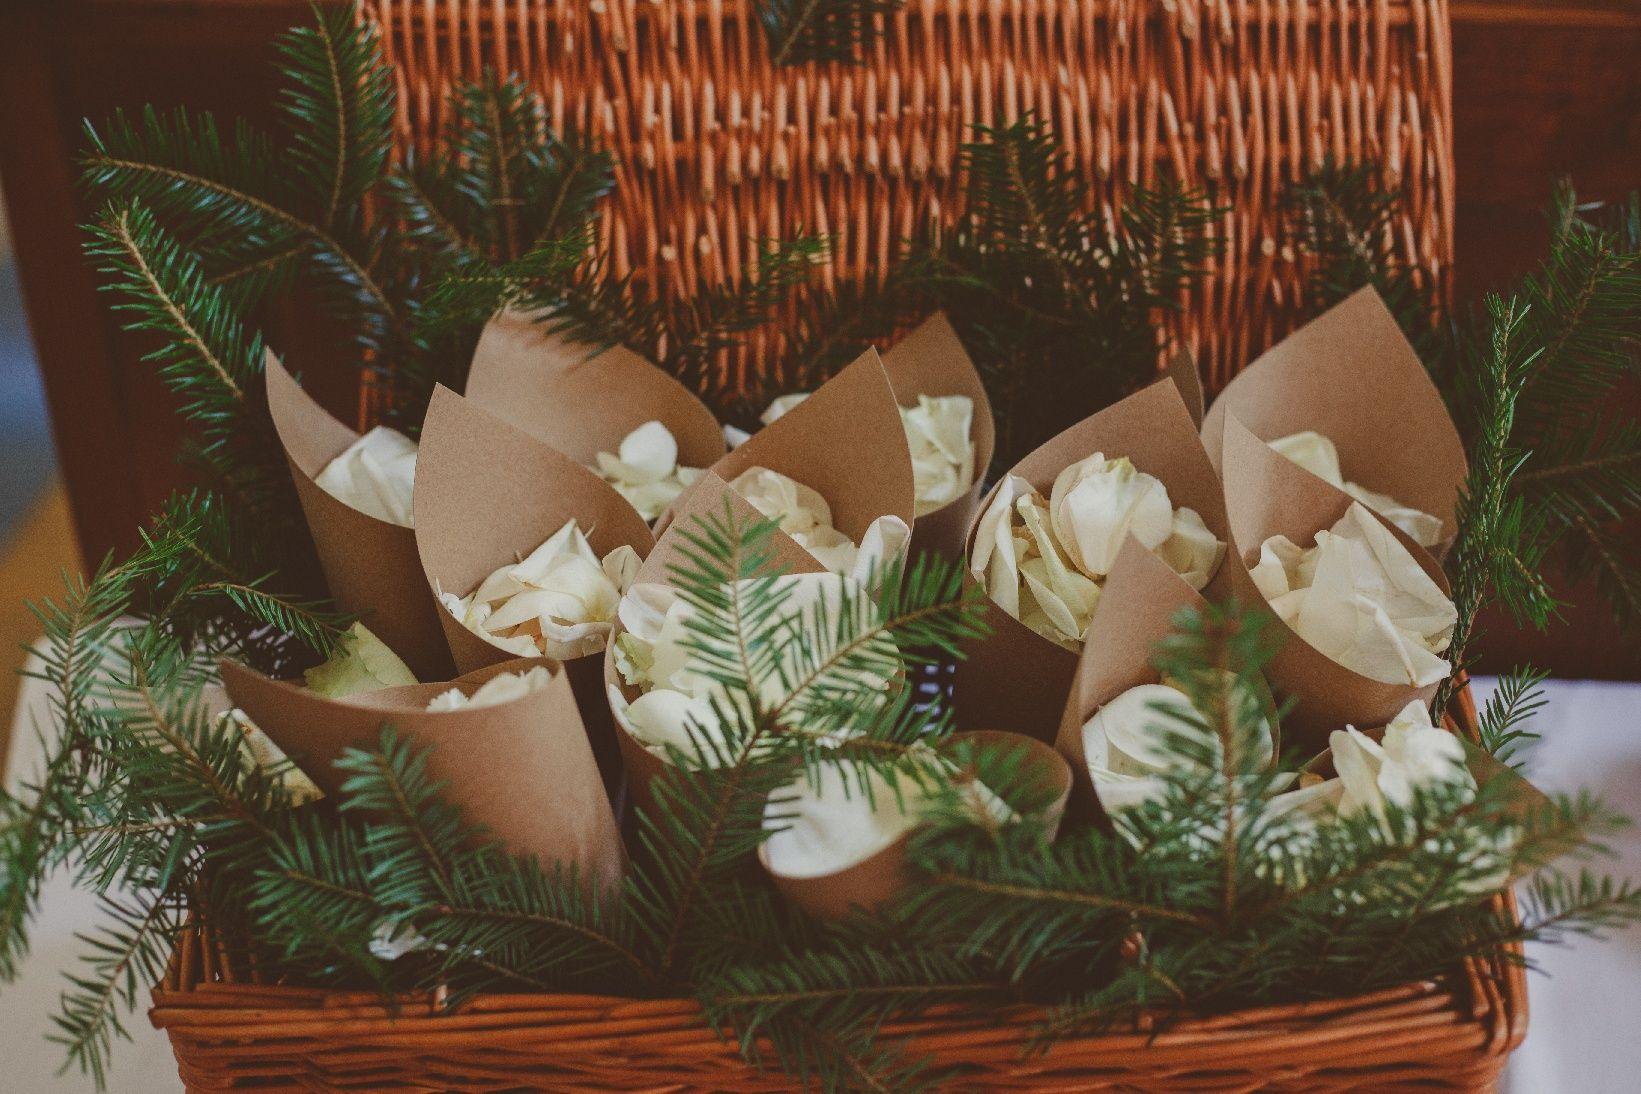 Rożki z płatkami róż    Cones with rose petals